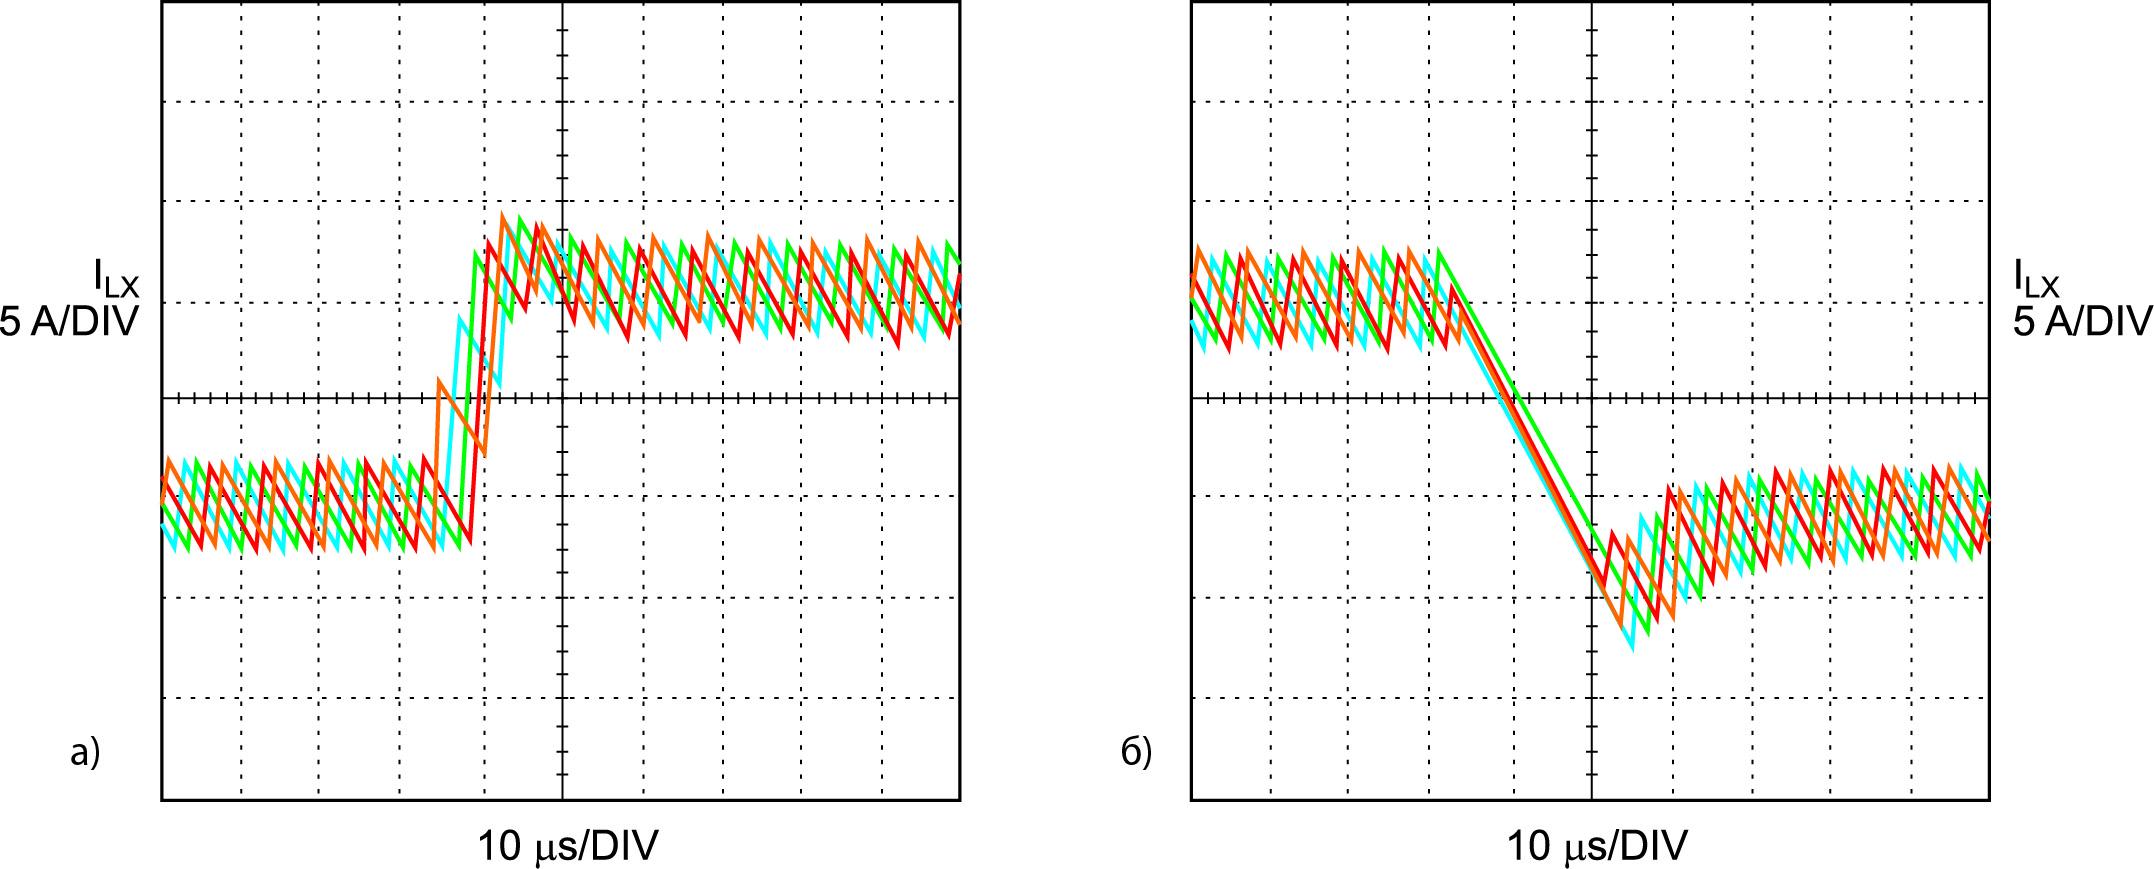 Динамическое распределение тока в четырехфазной схеме, показанной на рис. 2